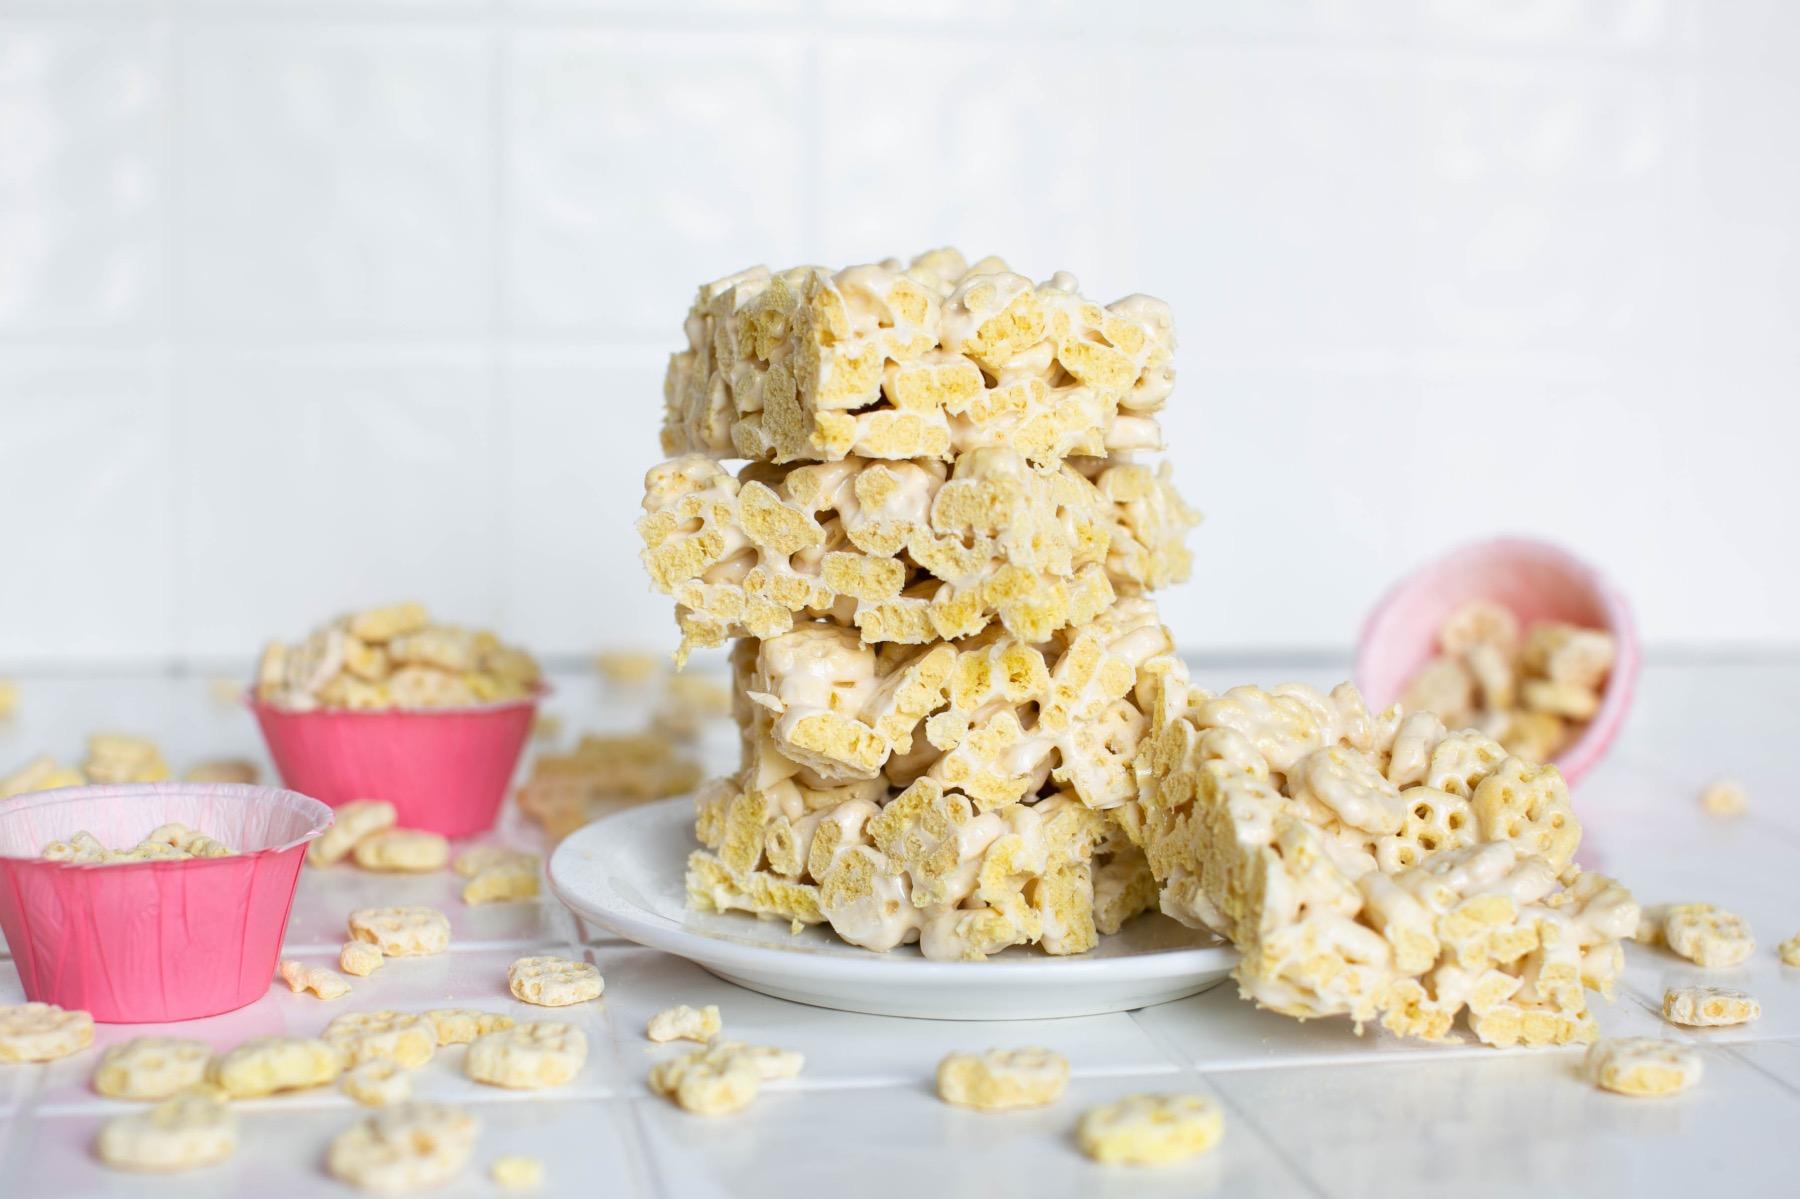 recipe for honeycomb cereal marshmallow treats